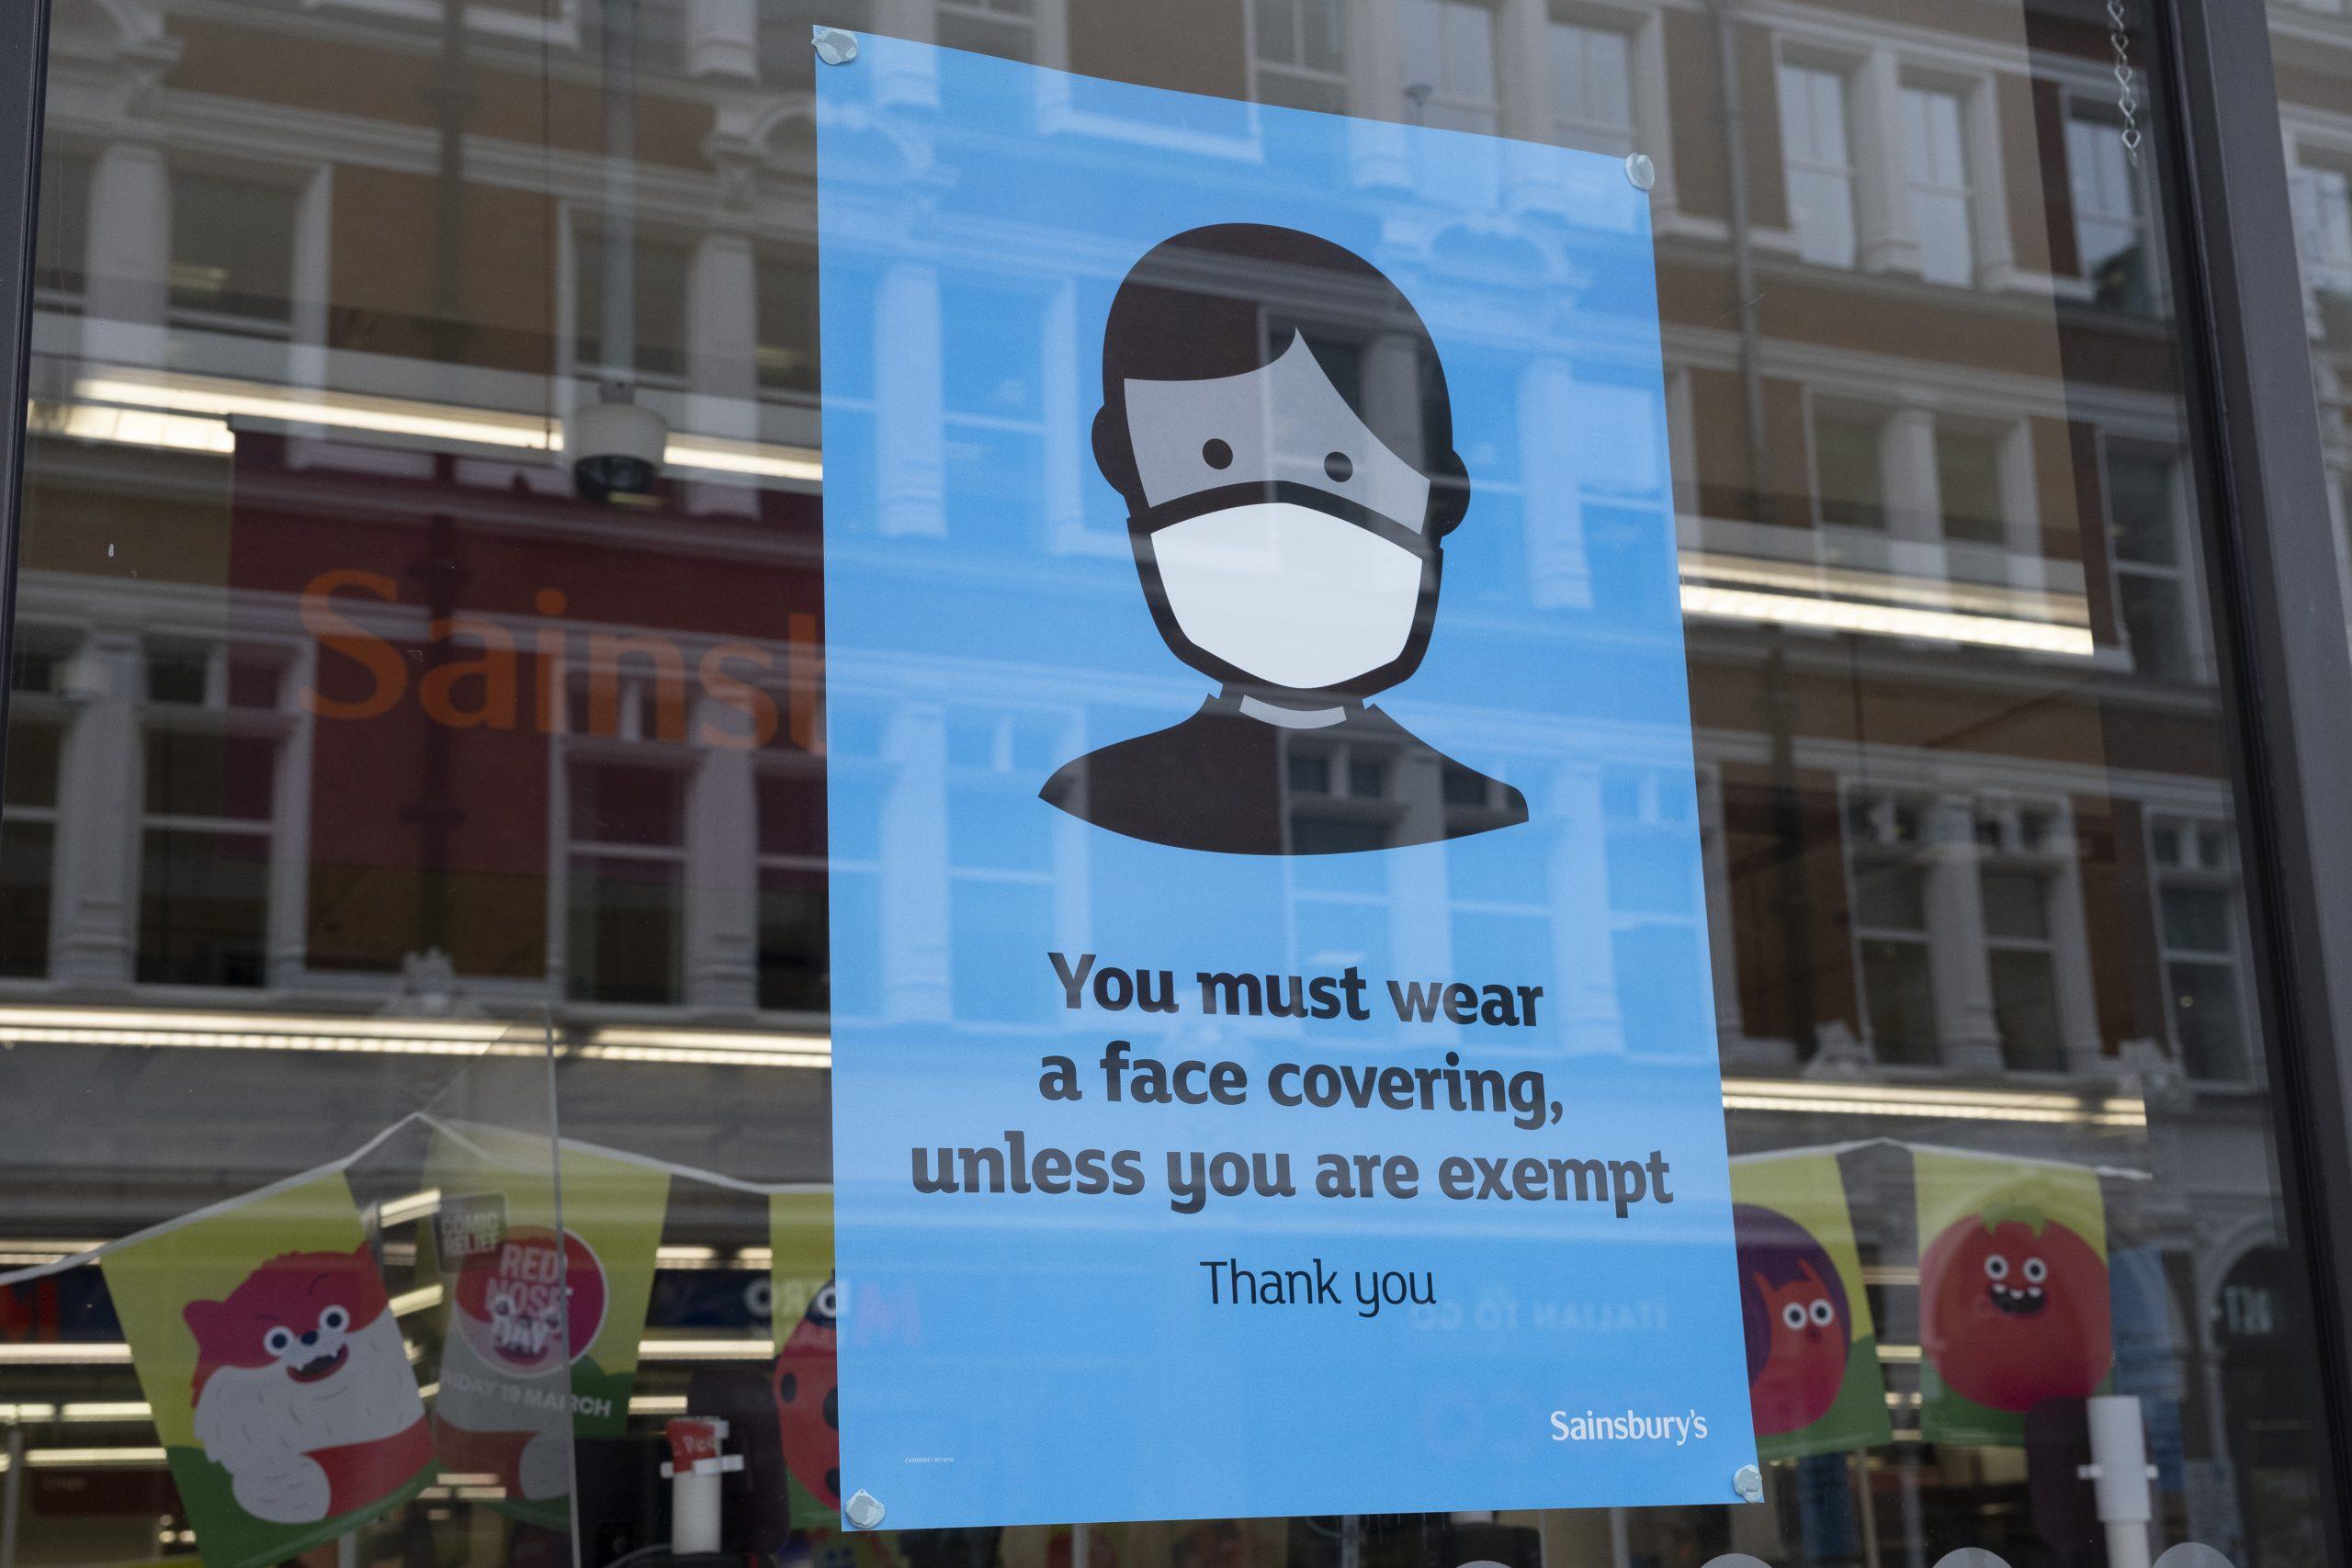 Un panneau indiquant le port d'un masque facial dans un supermarché Sainsbury's.